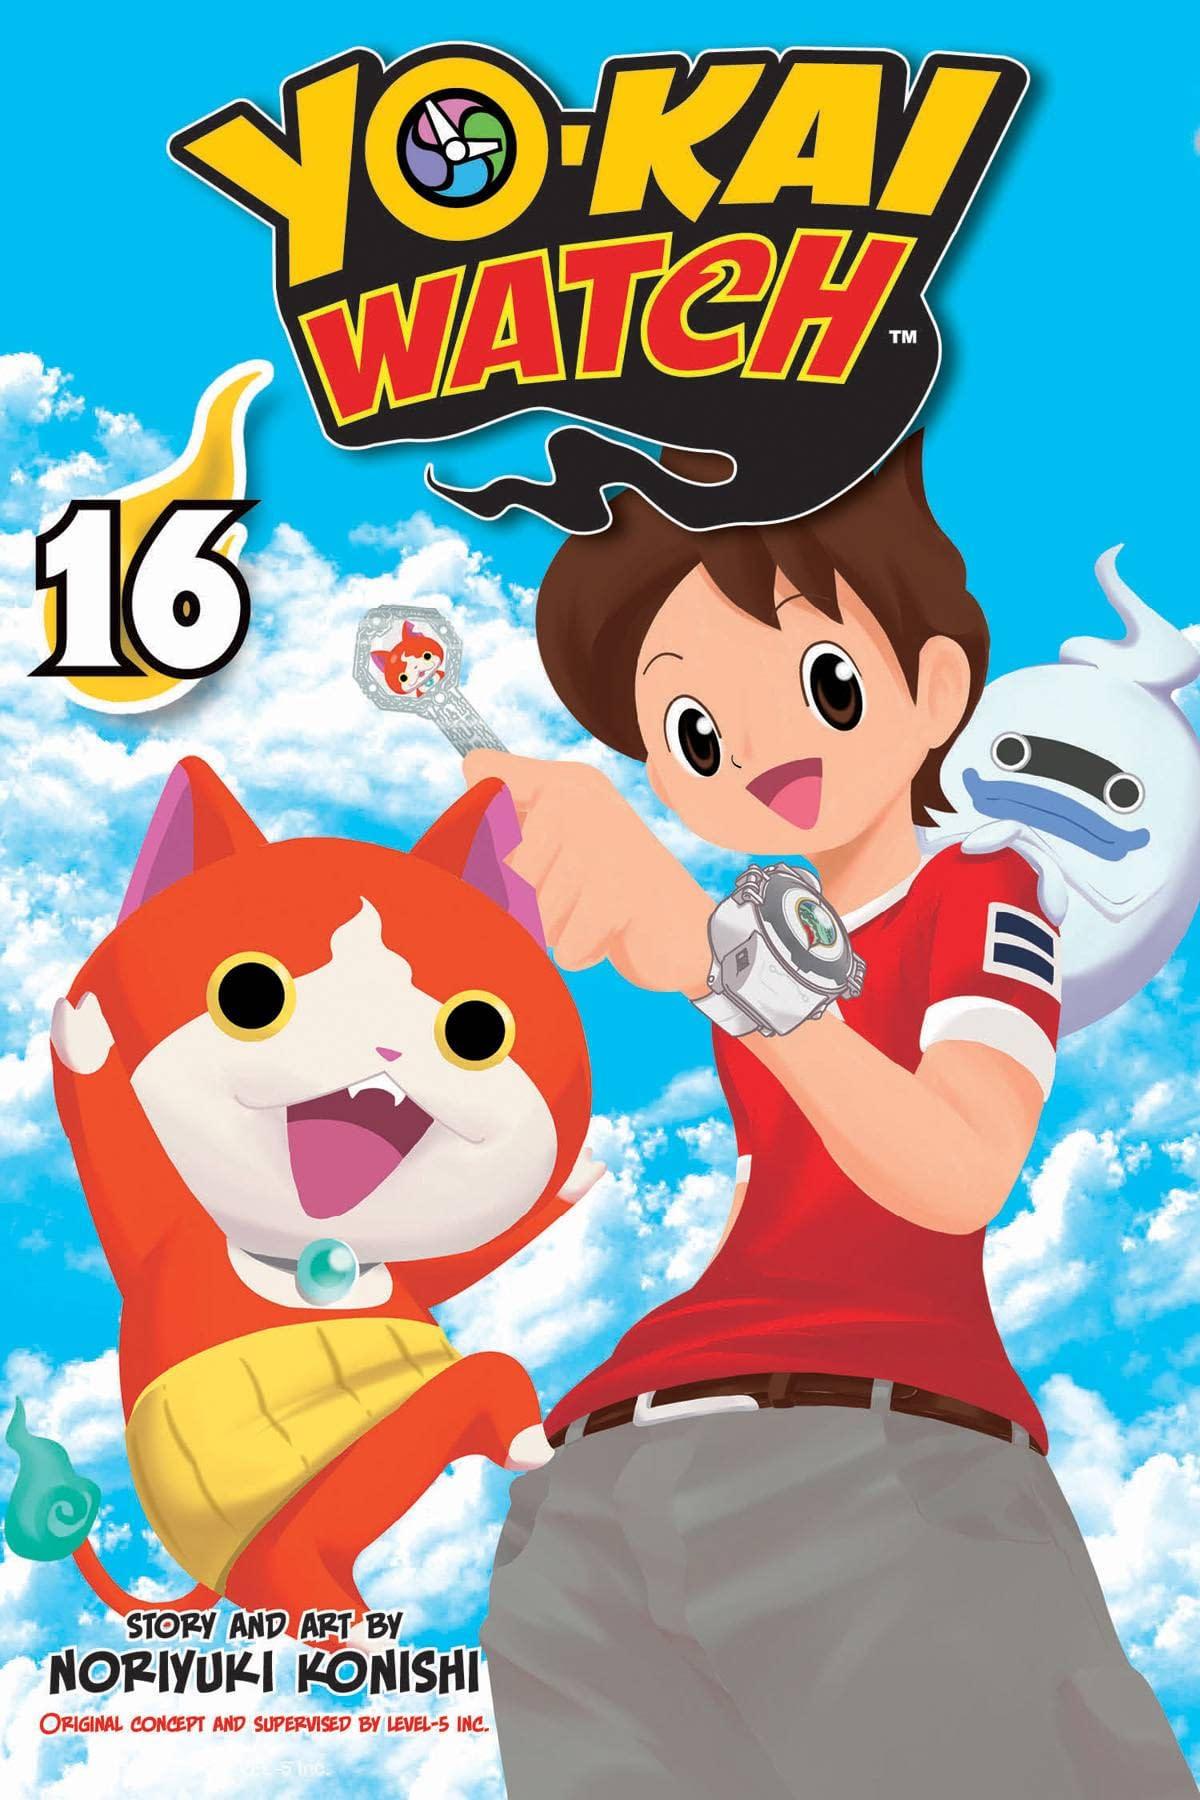 YO-KAI WATCH GN VOL 16